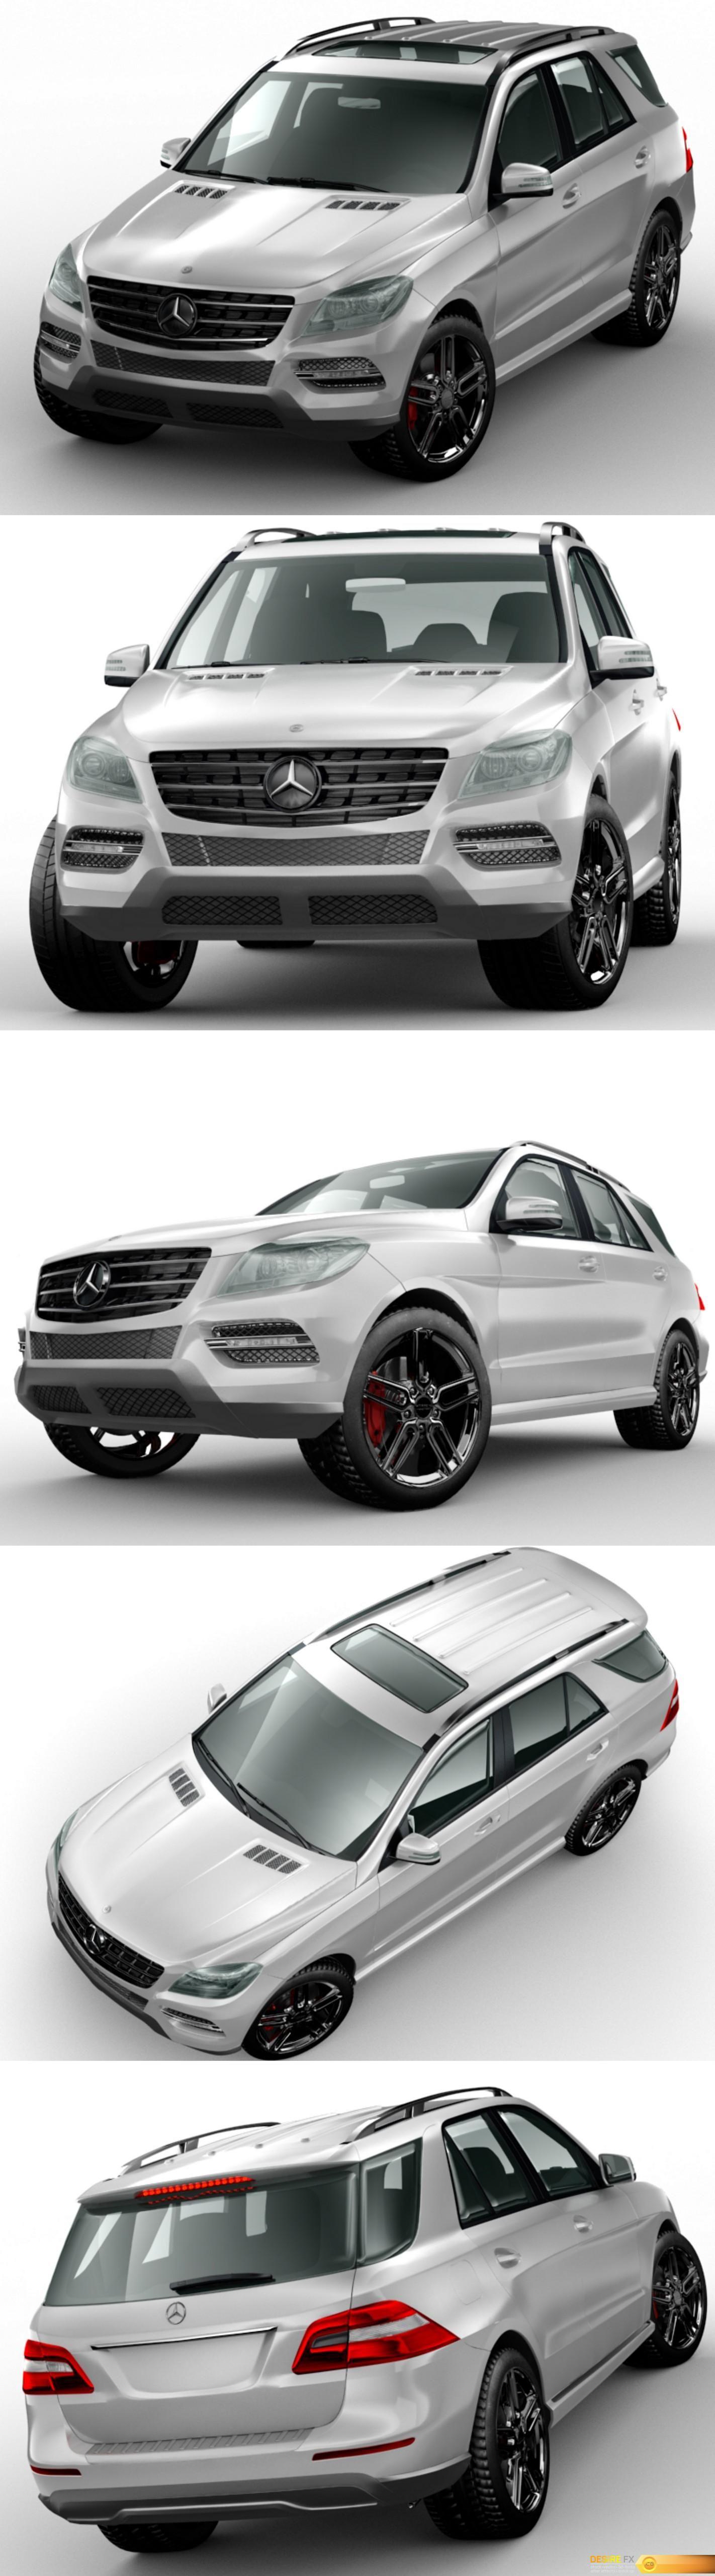 Desire FX | Chevrolet Silverado in 2020 | Chevrolet